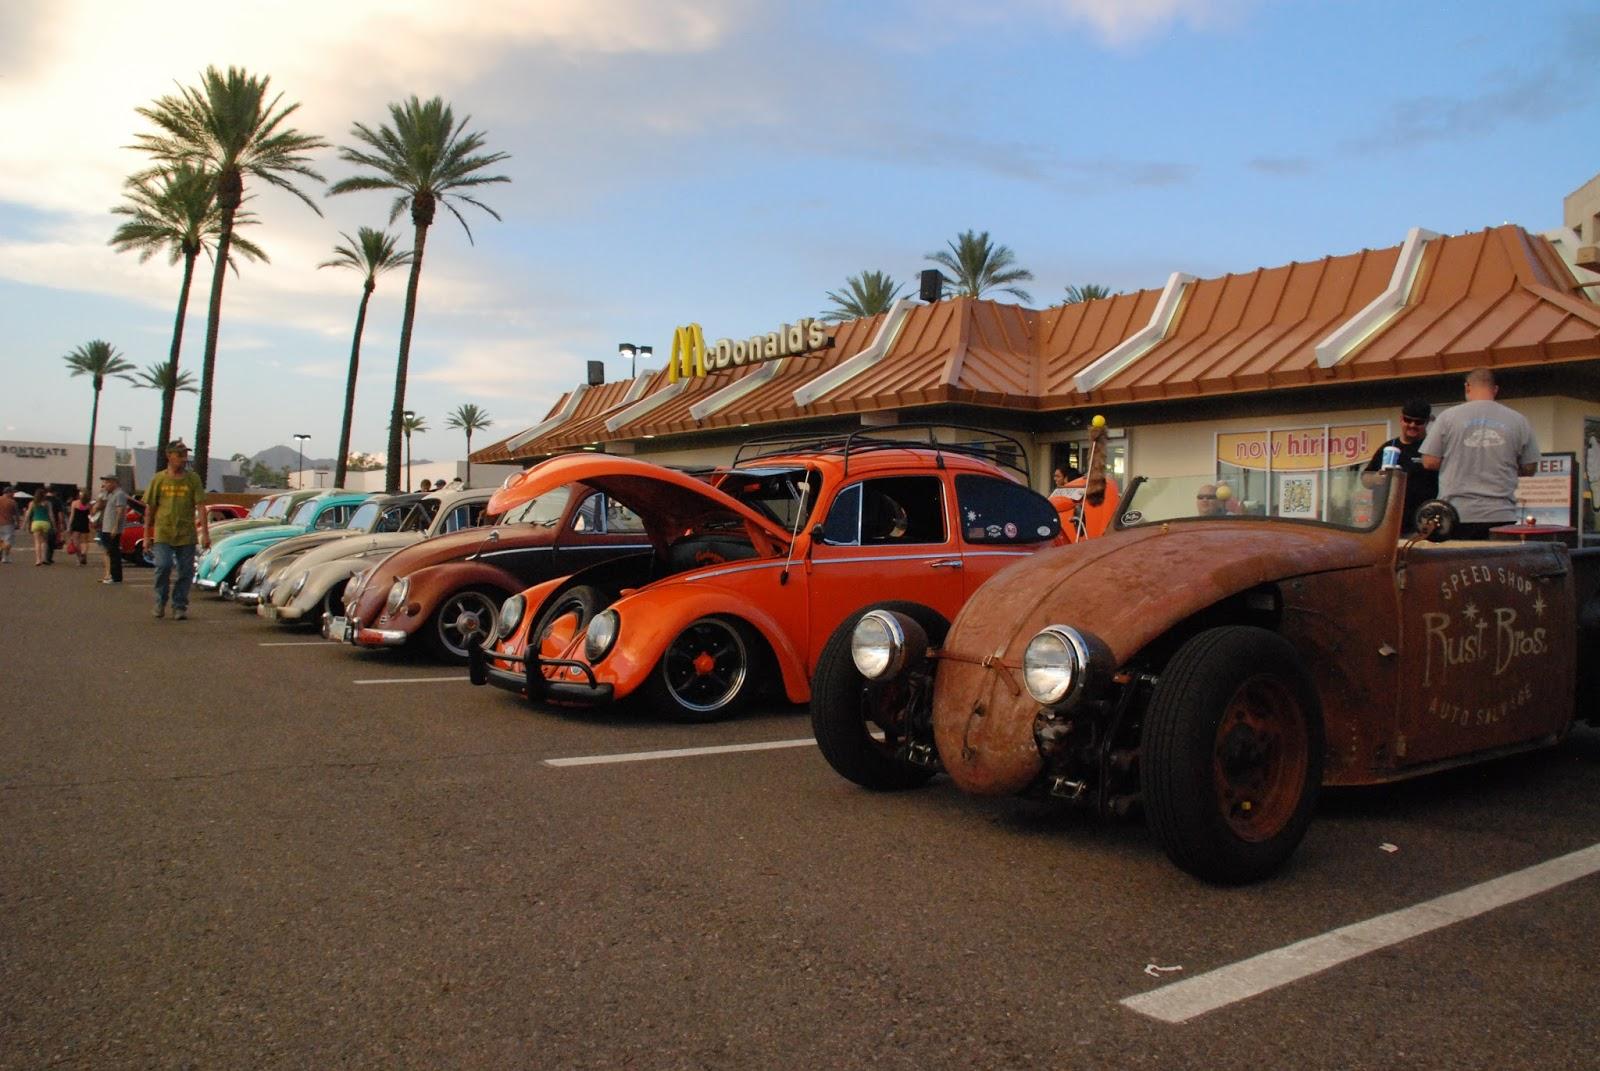 BEASTKIND Scottsdale Pavilions Car Show - Pavilions car show